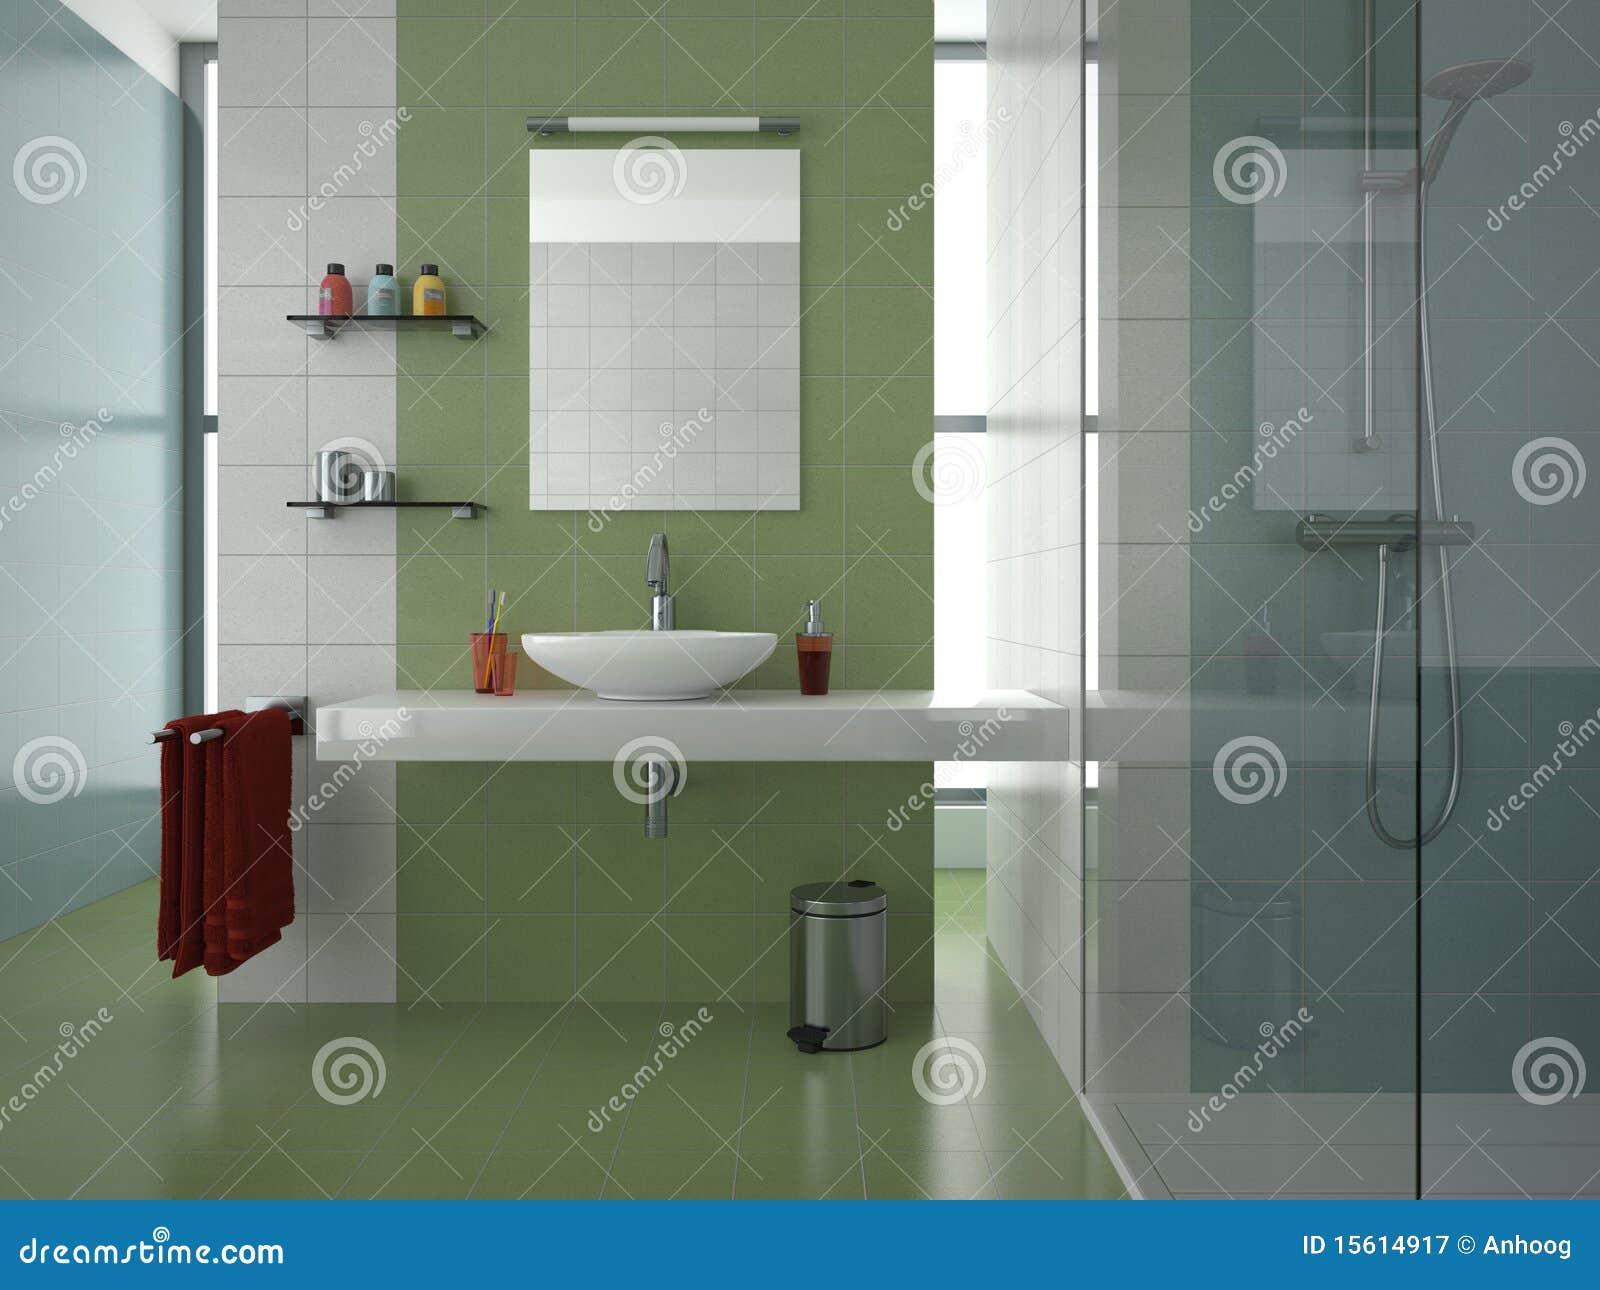 Banheiro Verde Fotografia de Stock Royalty Free  Imagem 15614917 -> Banheiro Moderno Verde